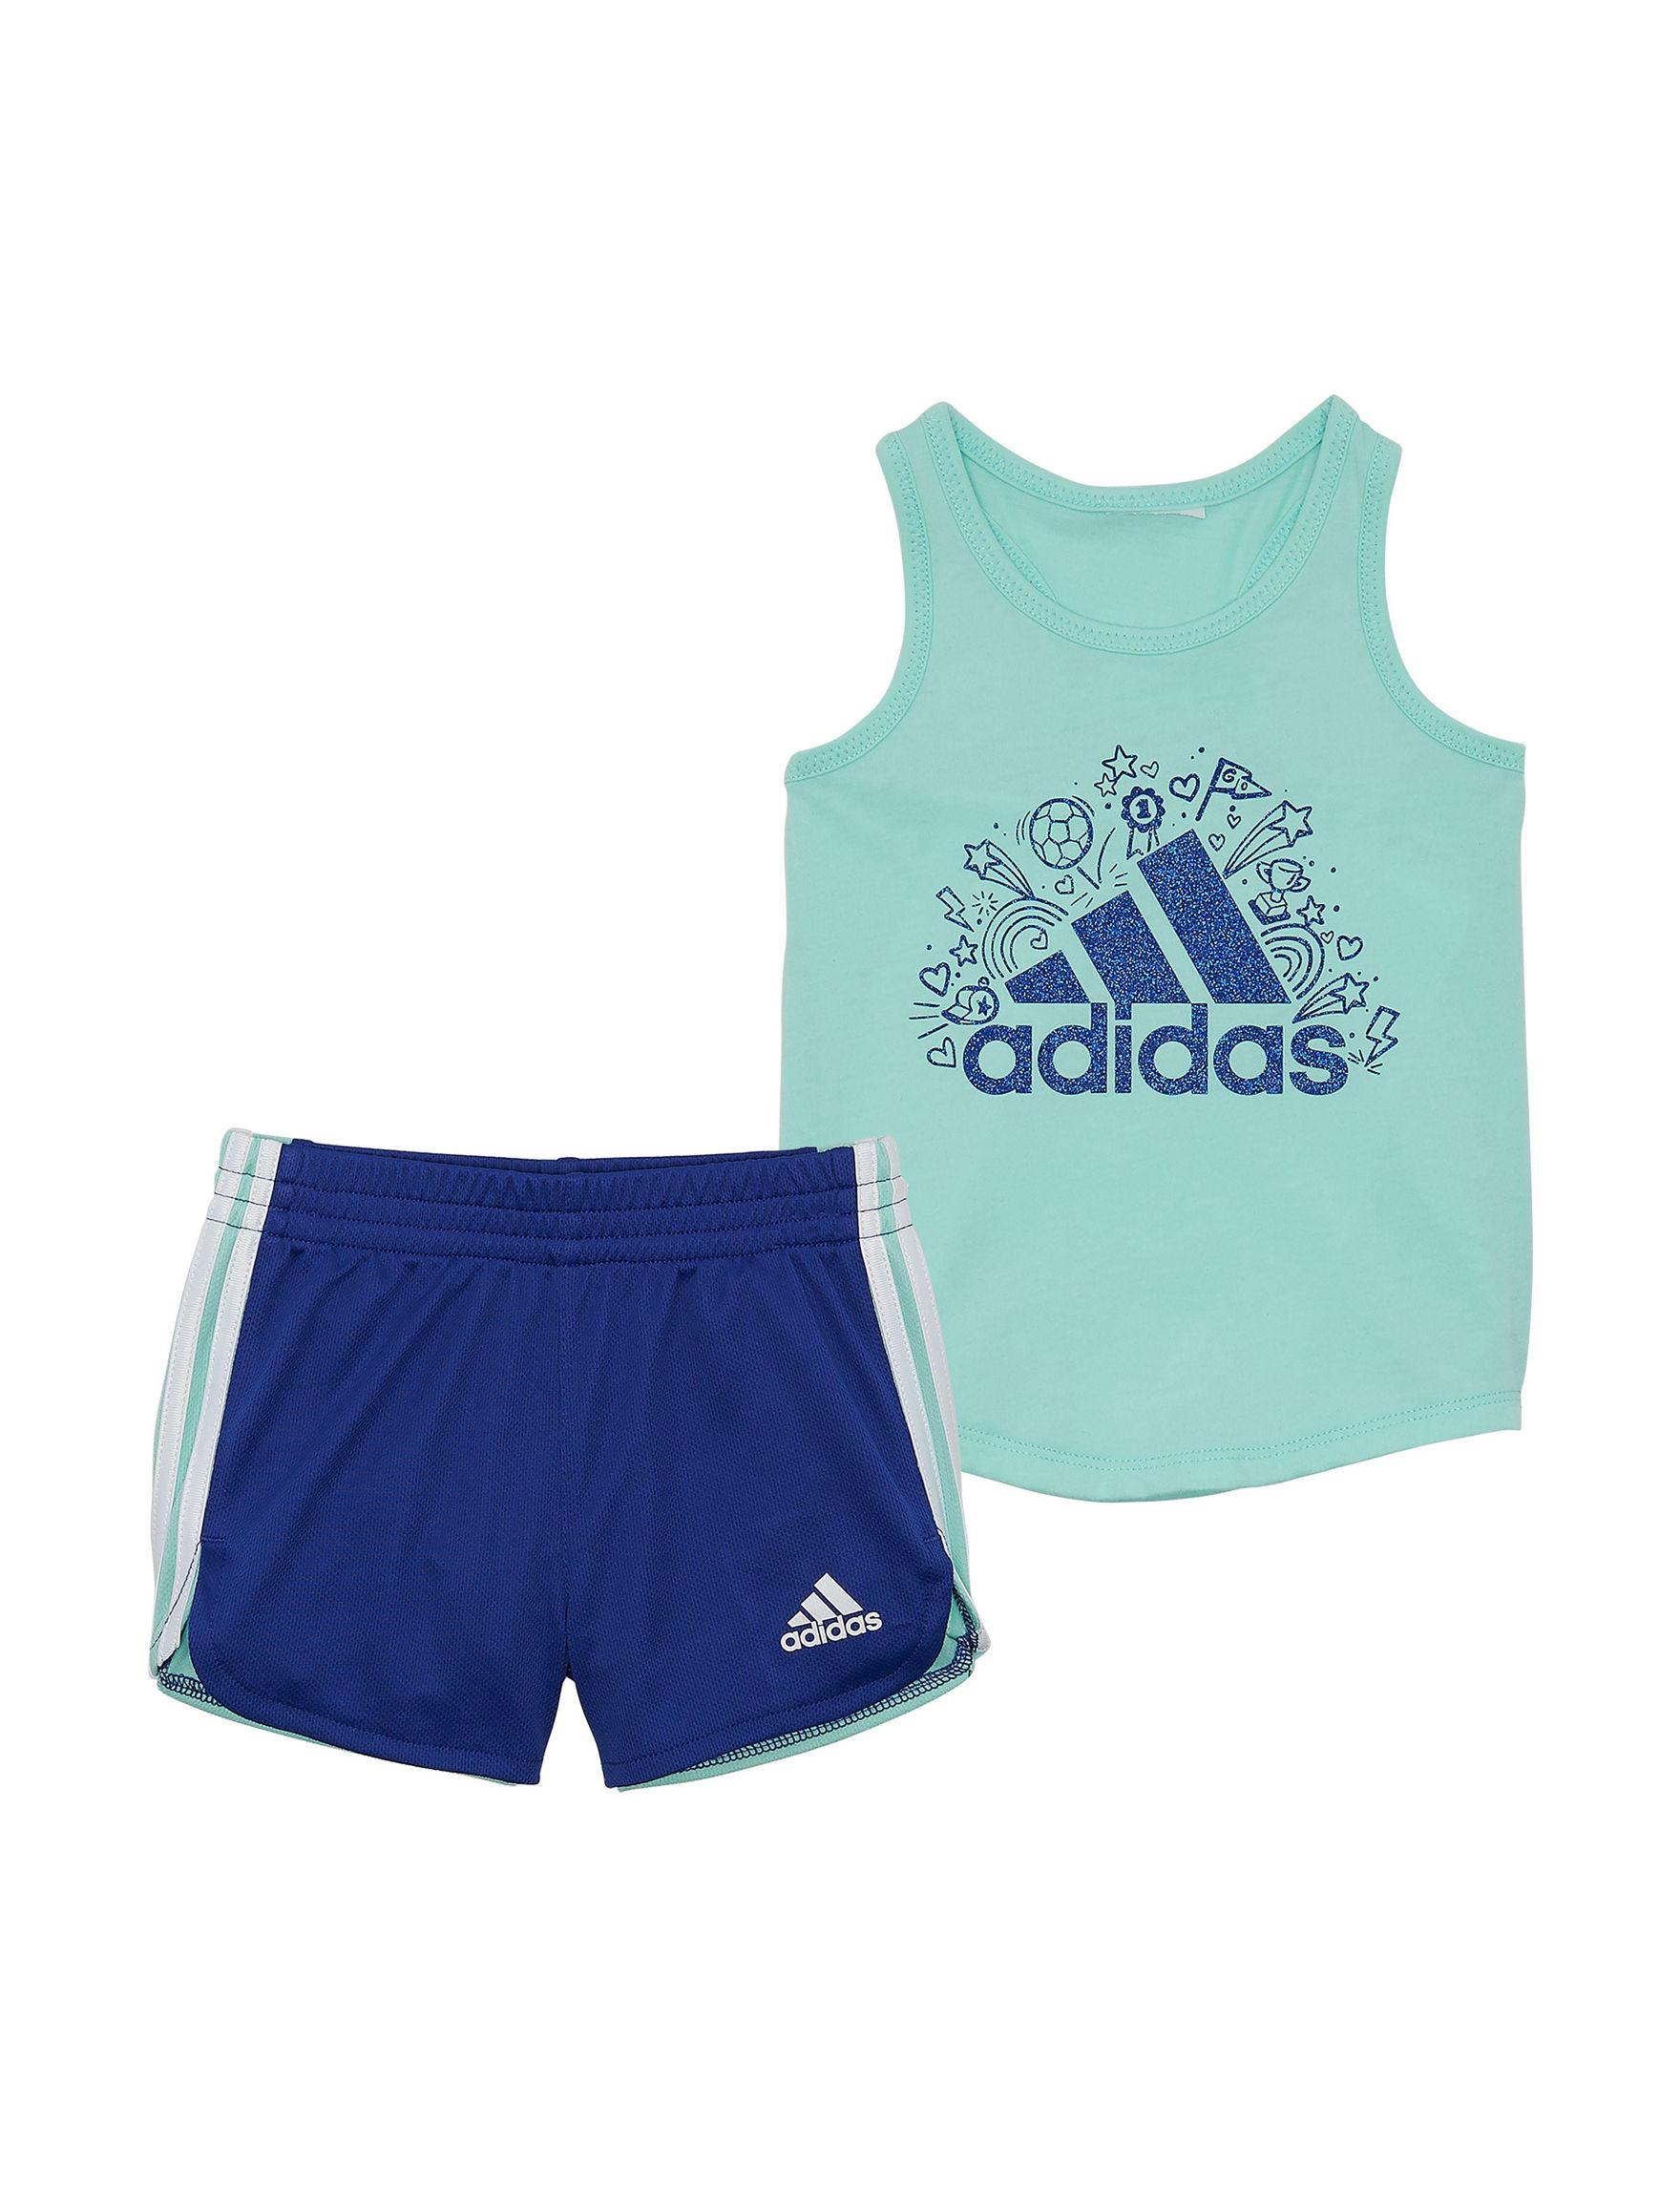 Adidas Mint / Navy